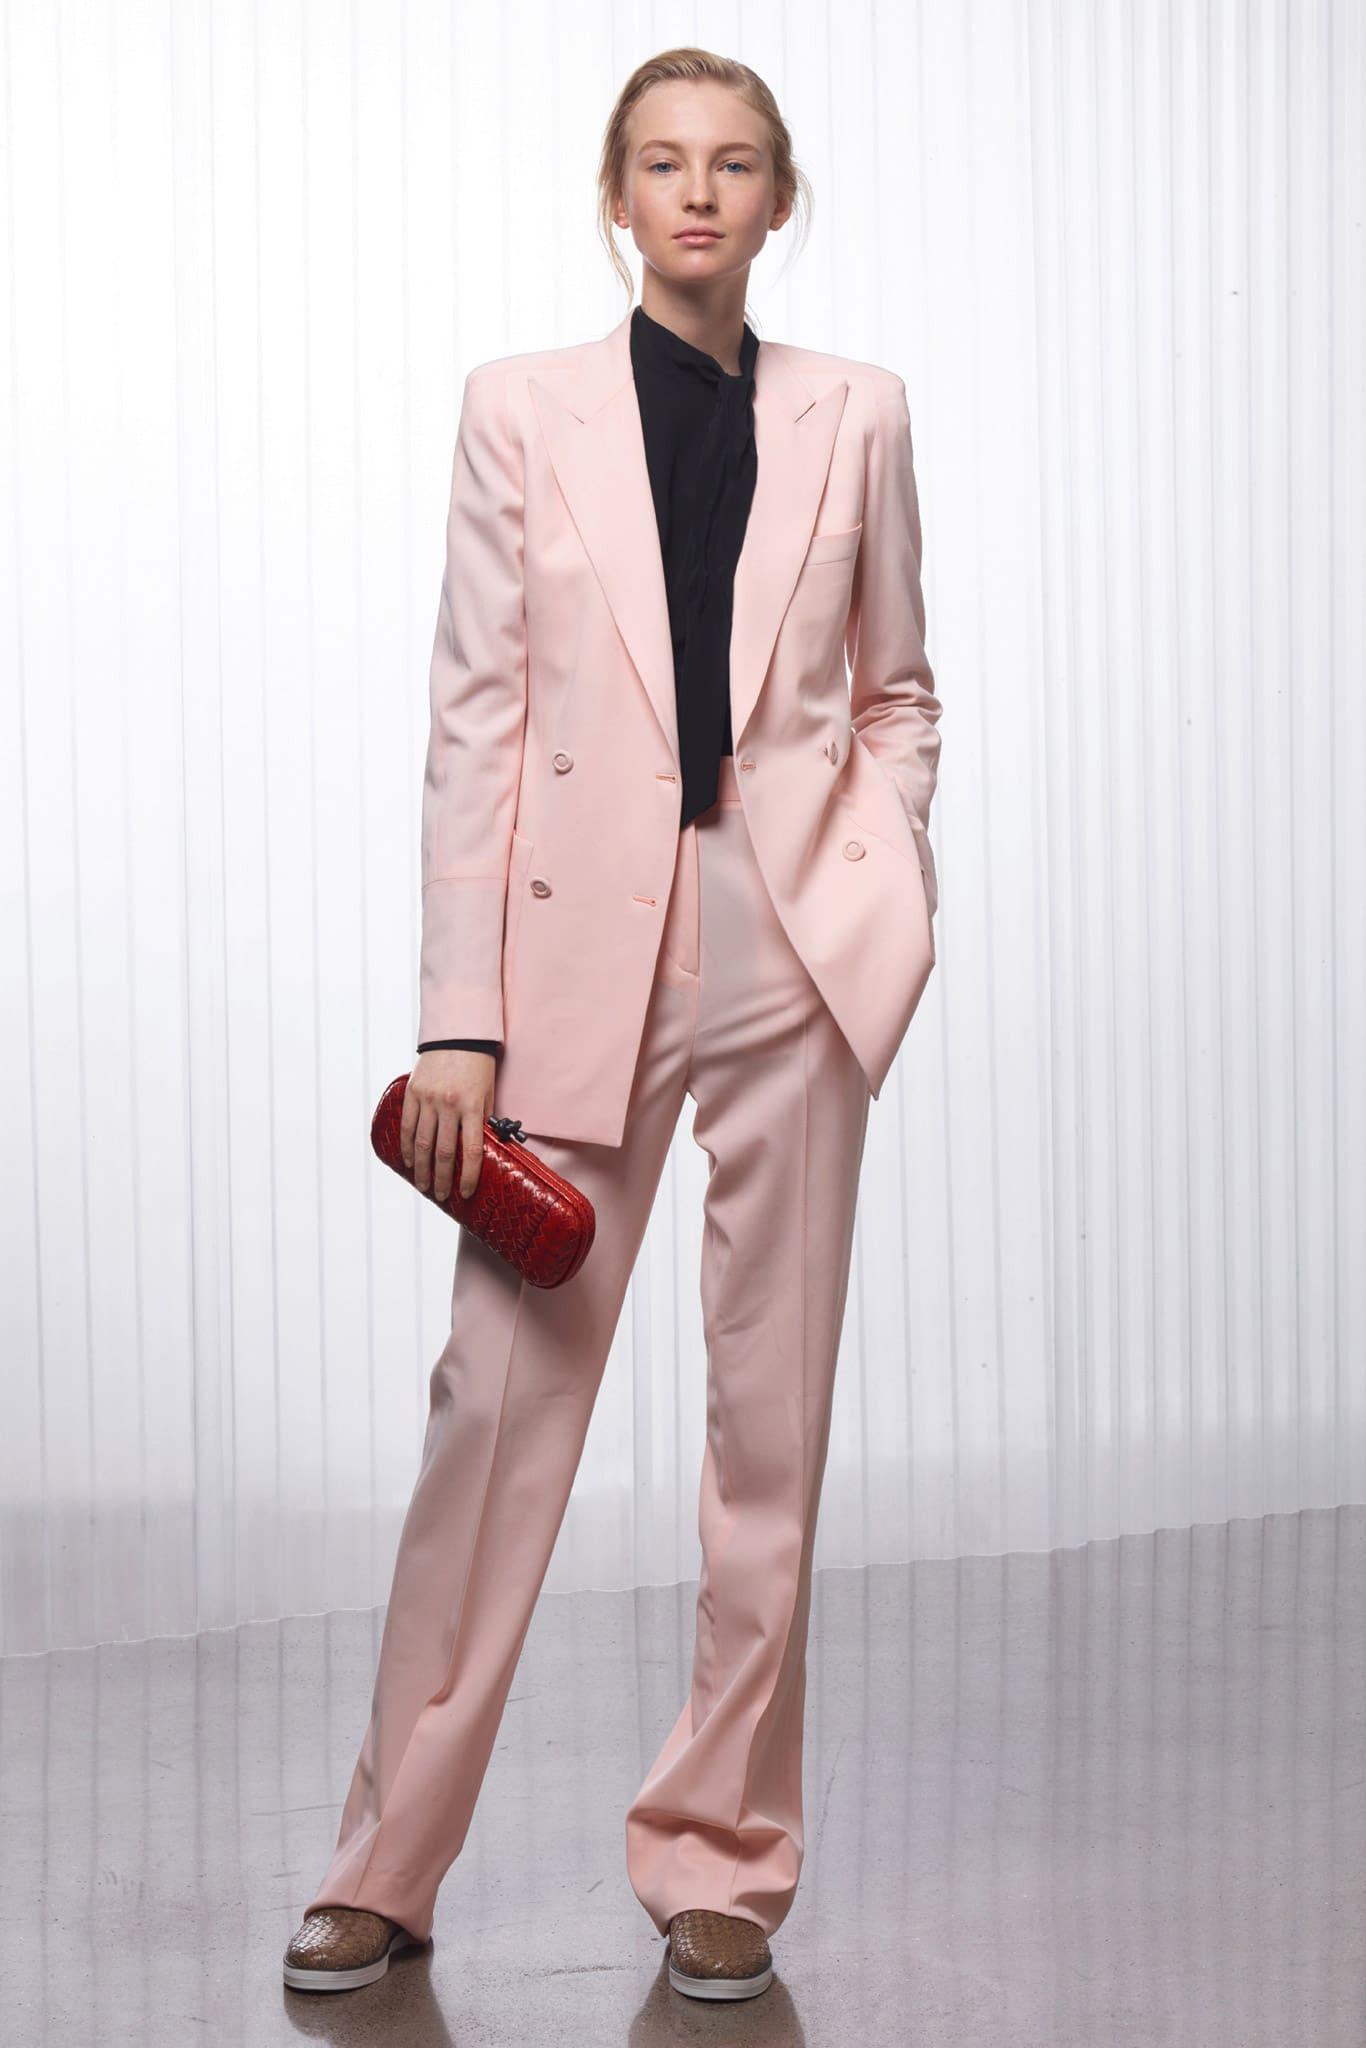 Bottega Veneta Resort 2016 Lookbook Spotted Fashion